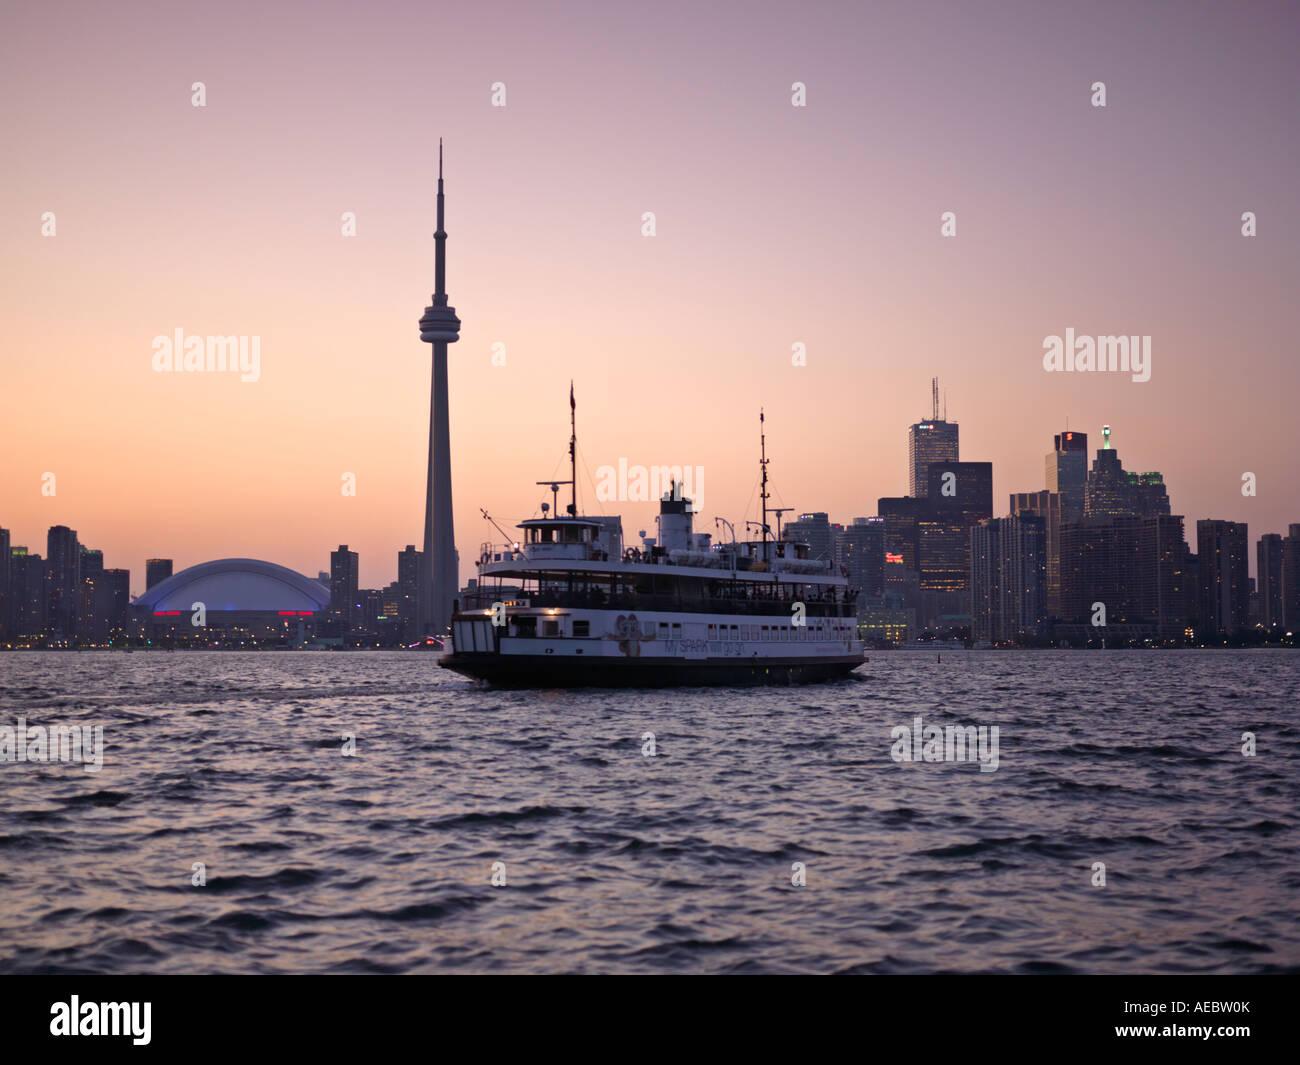 Kanada Ontario Toronto Toronto Islands ferry in Richtung der Stadtzentrums in der Abenddämmerung Stockbild